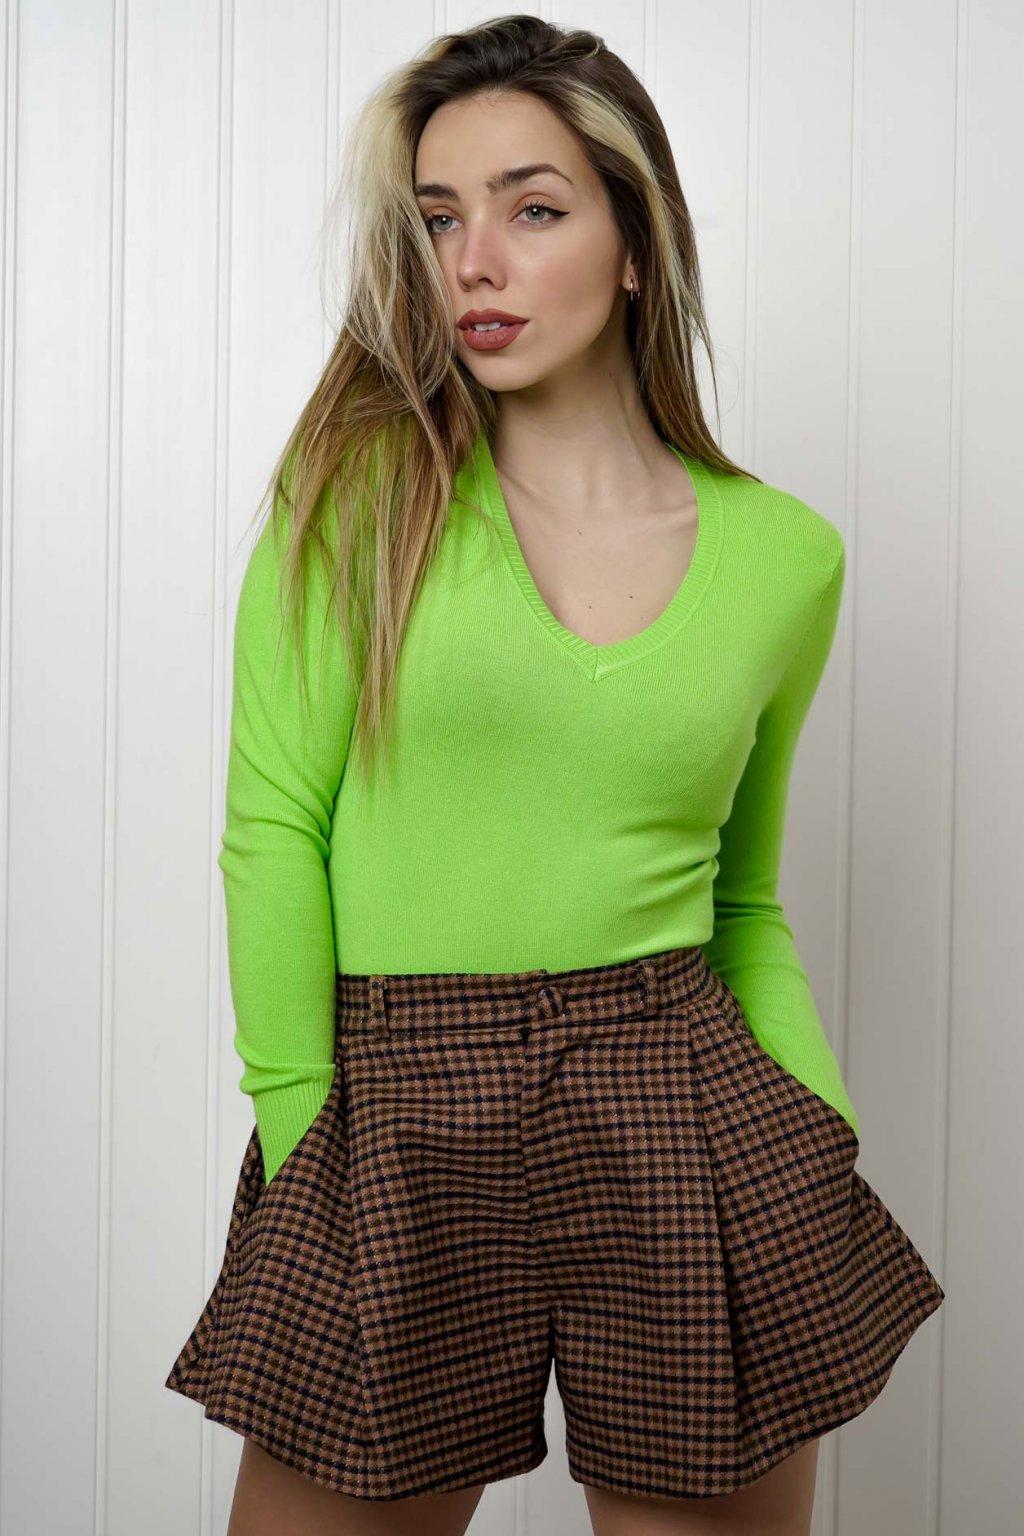 sveter, svetrík, sveter dámsky, úplet, úpletový sveter, jednoduchý sveter, v výstríh, štýlový, chlpatý,vzorovaný, srdiečkový, čierny, biely, farebný, 014